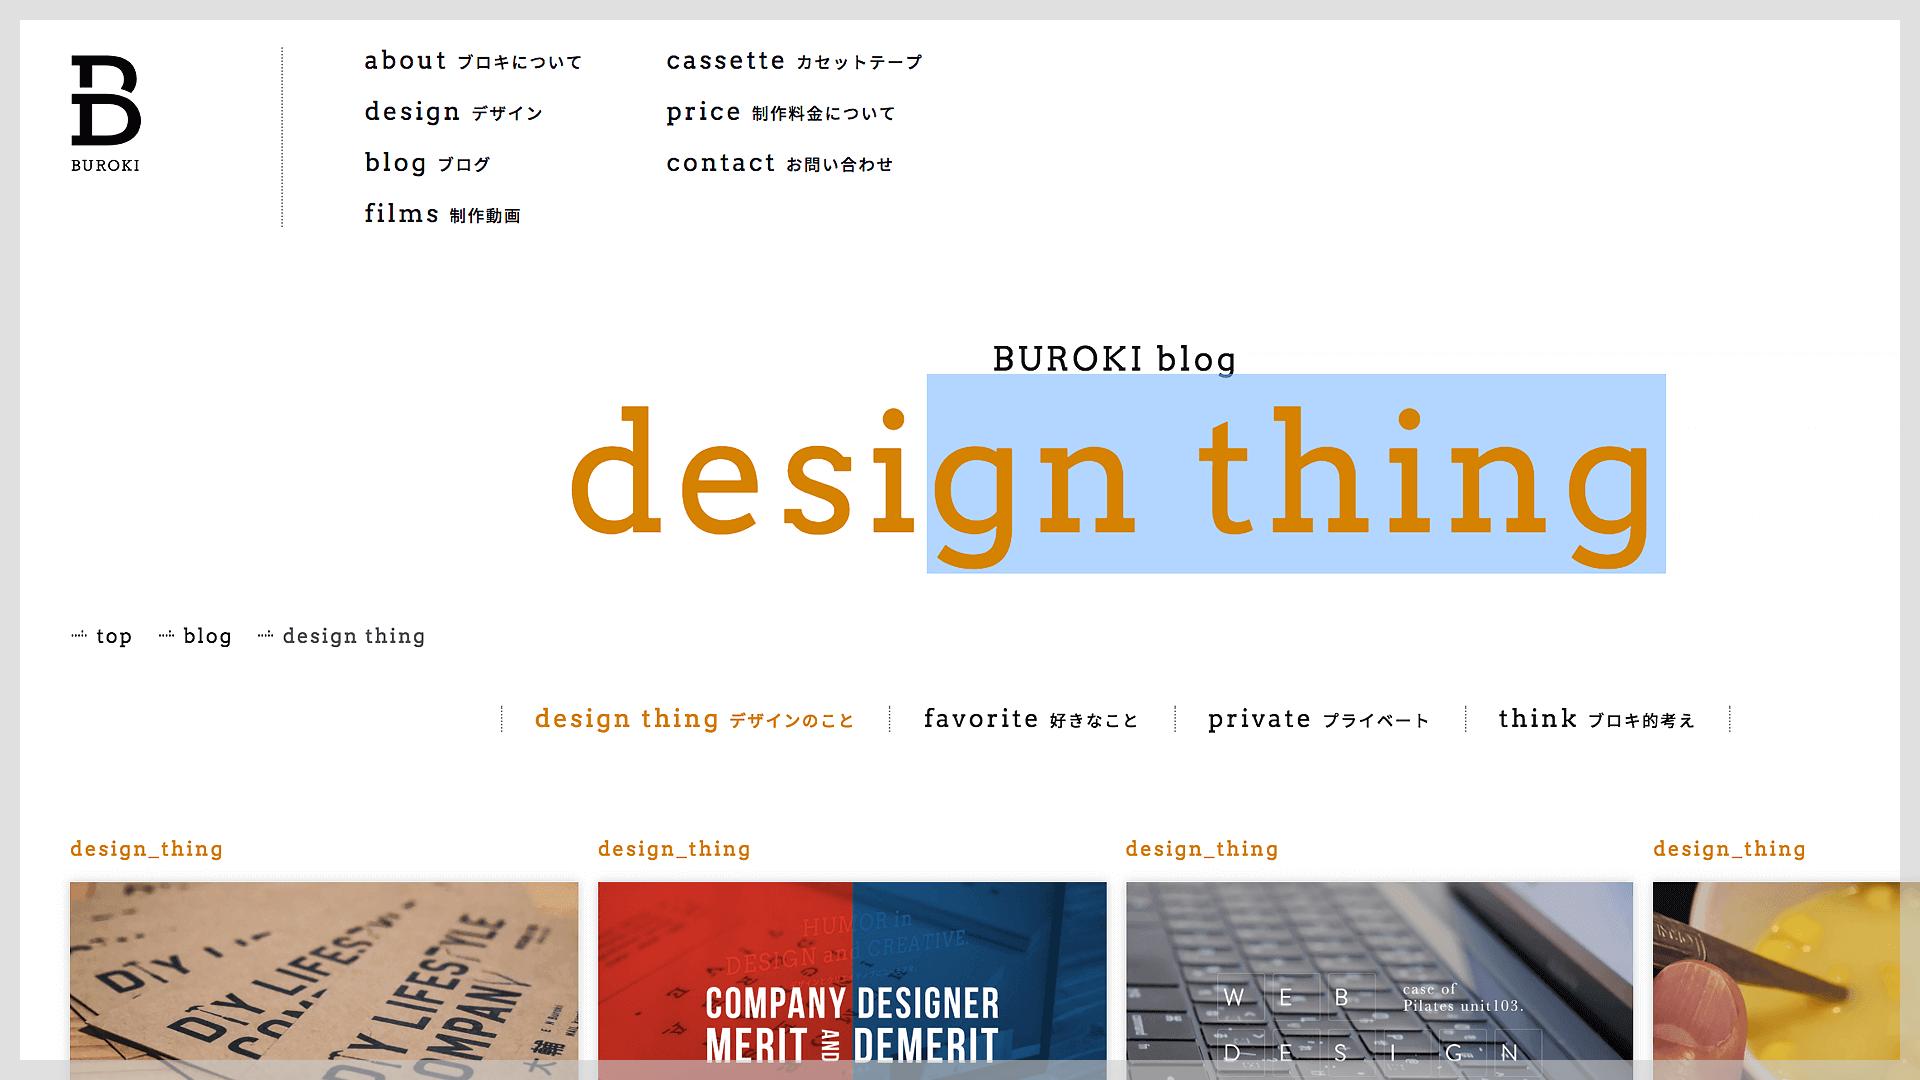 webフォントを使用しているページ